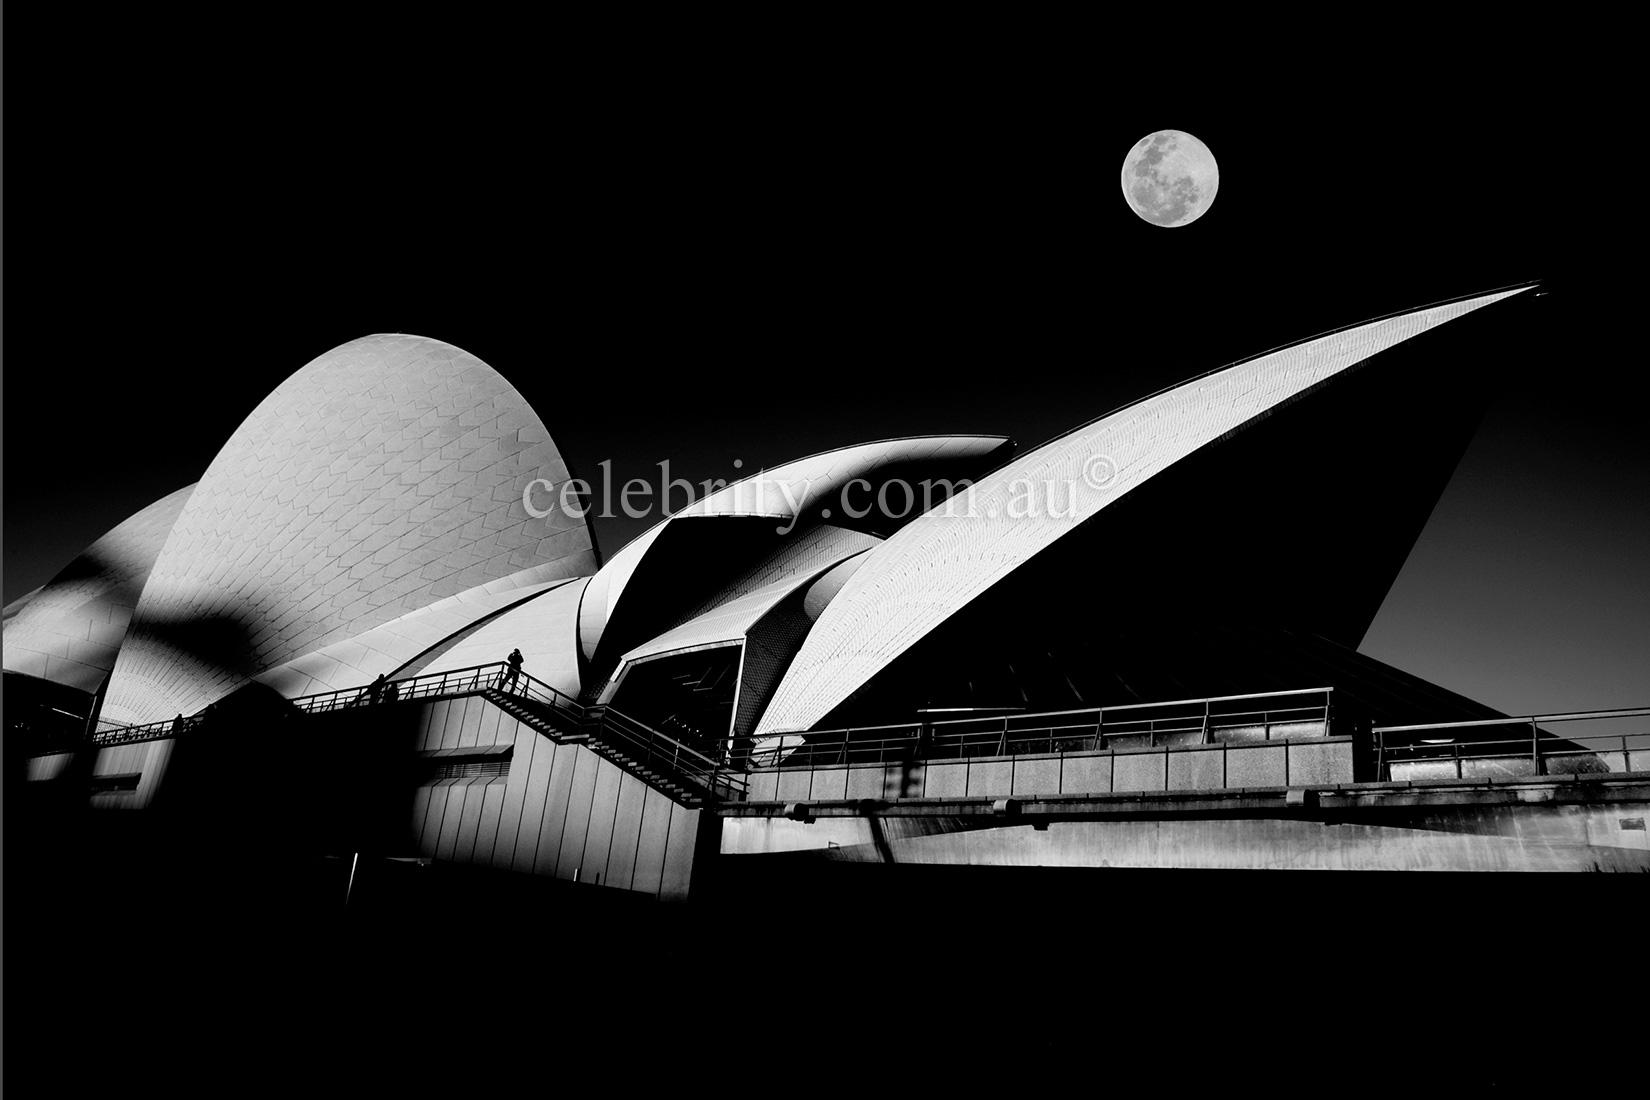 Light & Curve Sydney Opera House